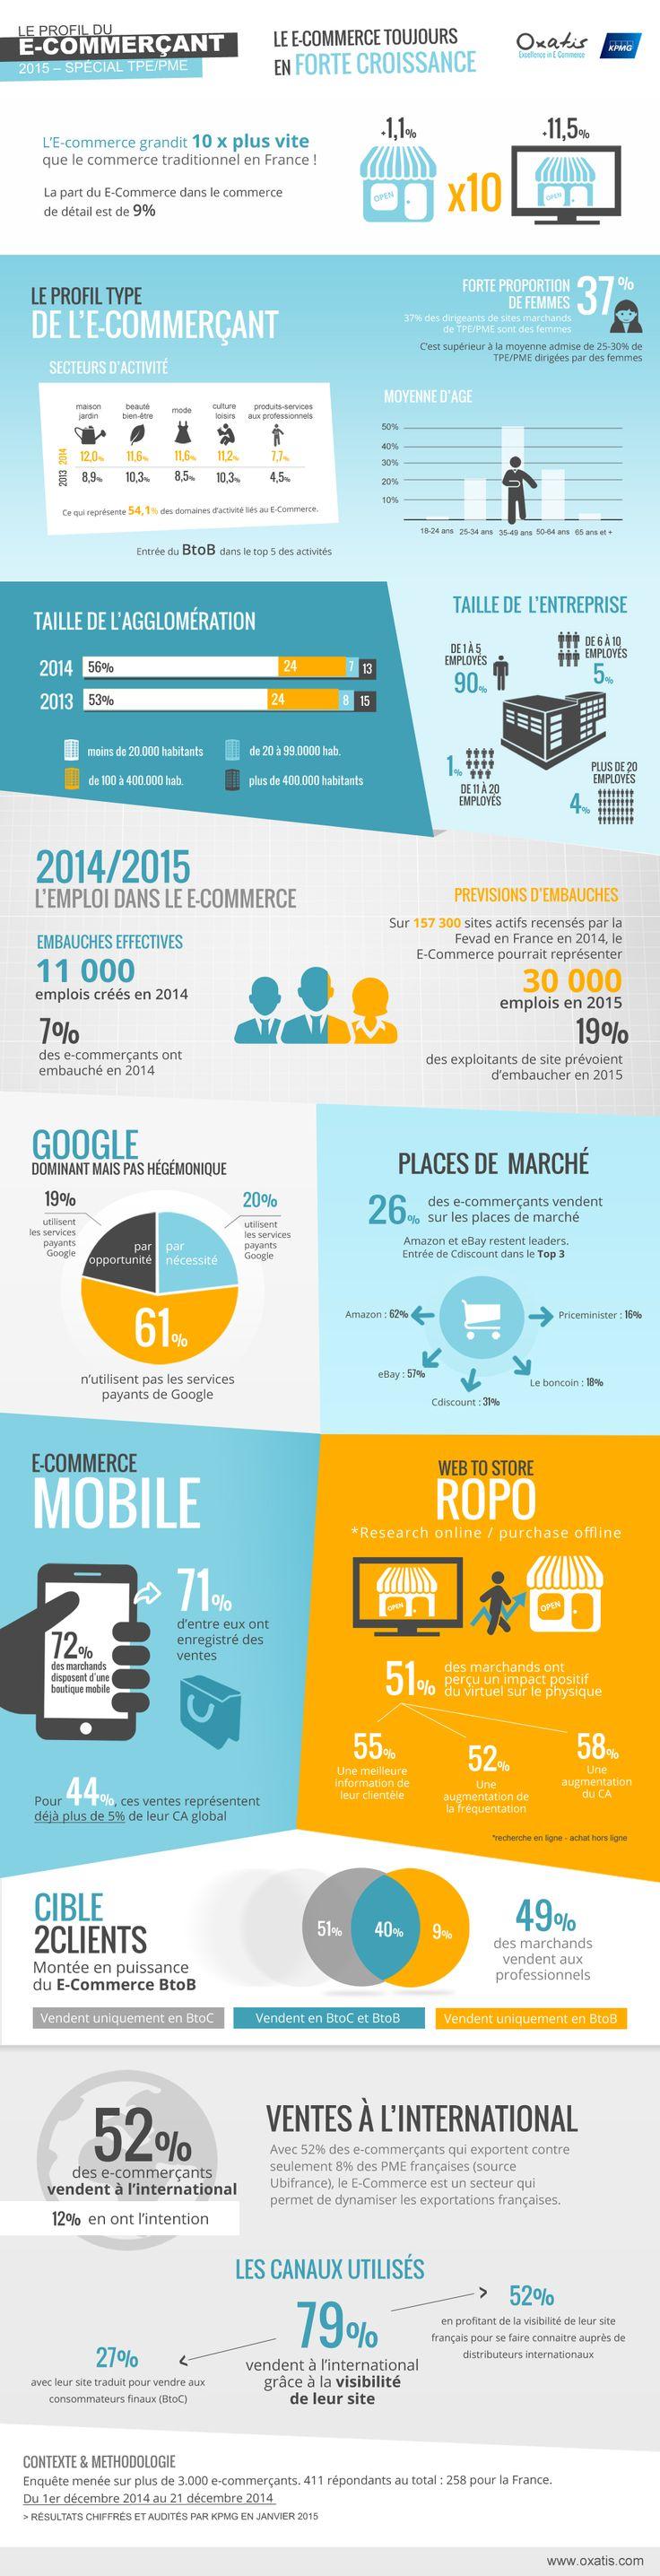 Infographie : le profil-type du petit e-commerçant évolue #ecommerce #commerce